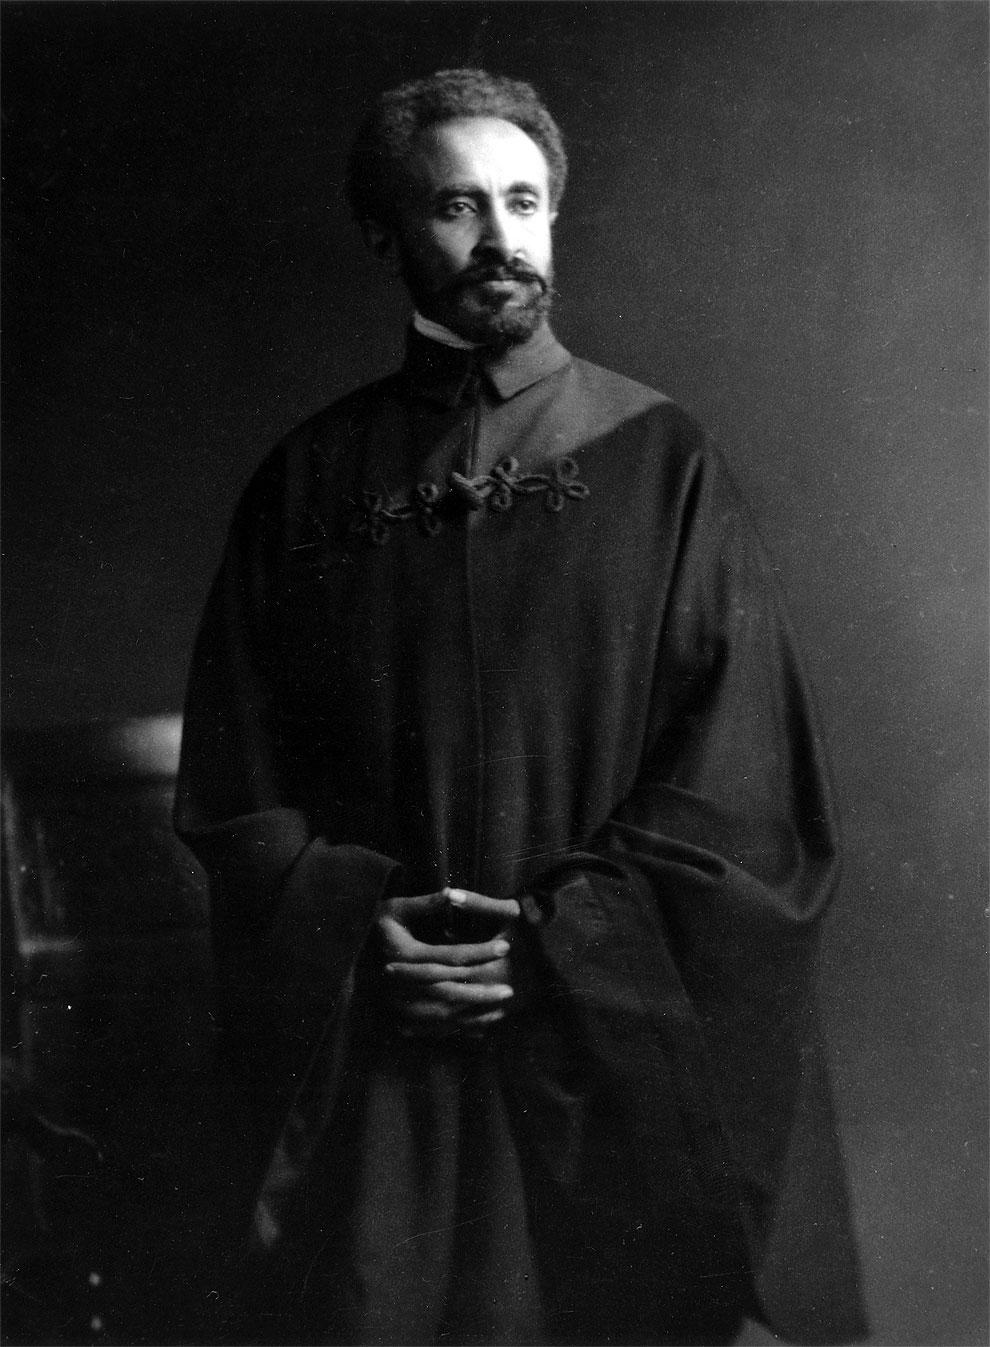 Потомок царя Соломона и царицы Савской - Хайле Селассие, последний император Эфиопии